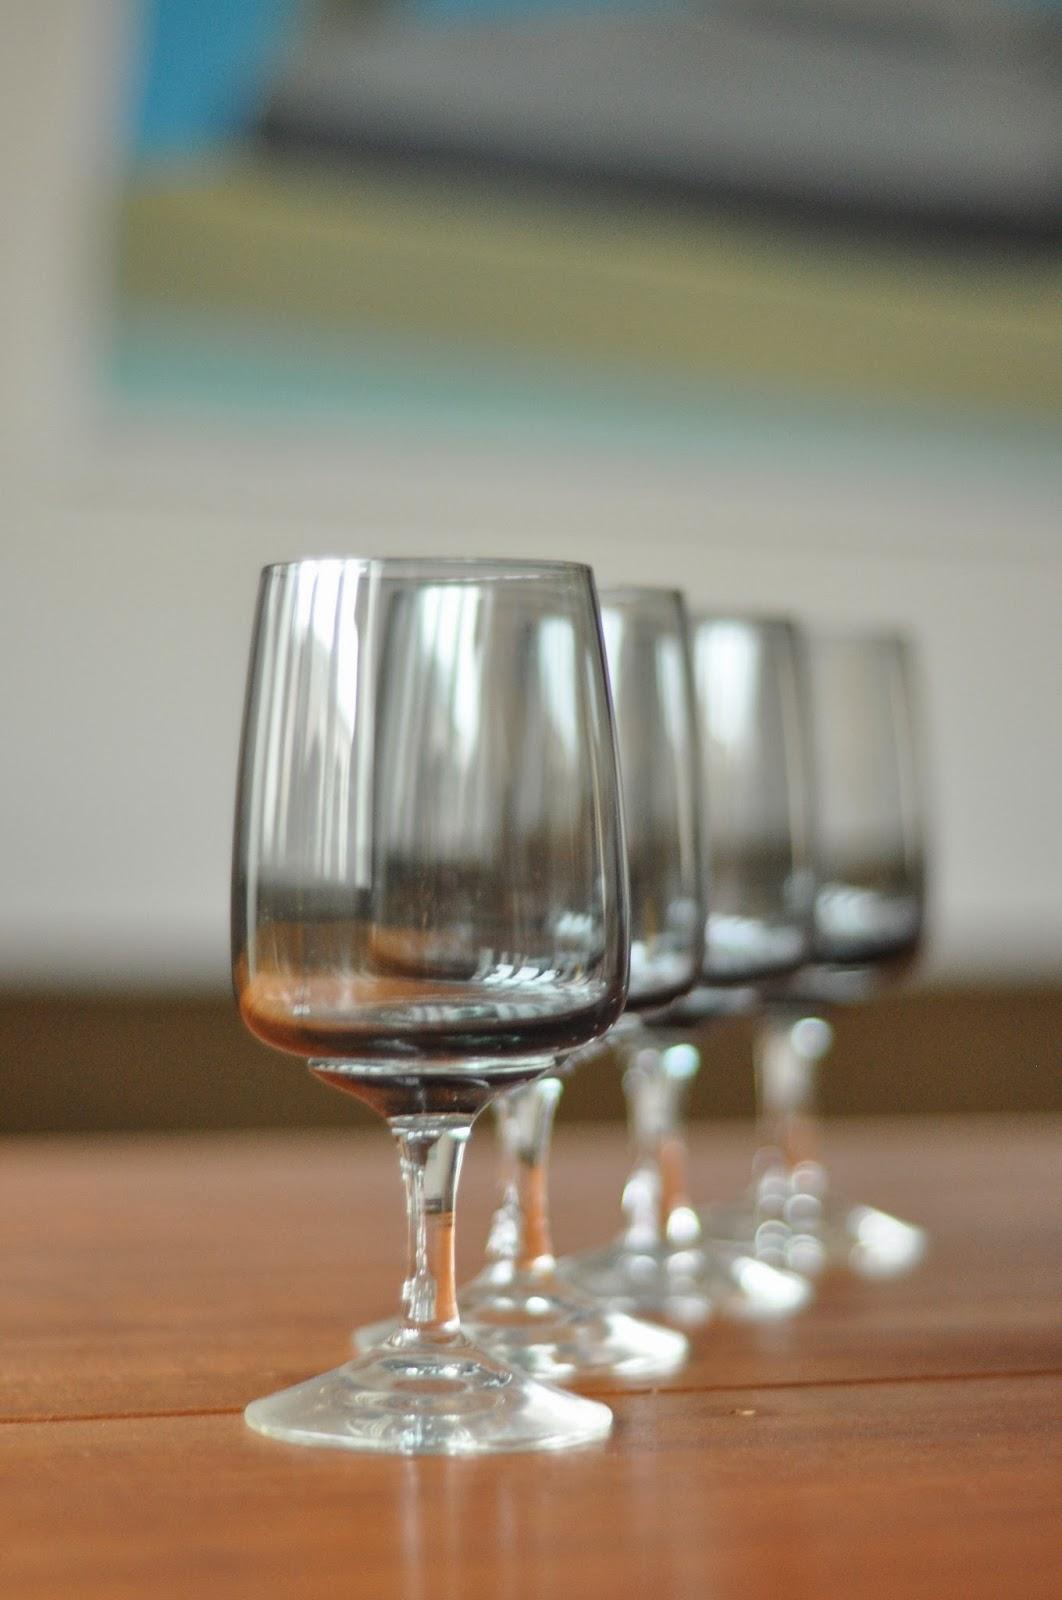 per lütken,retro glass,wine glass,beer glass,scandinavian glass,scandinavian design